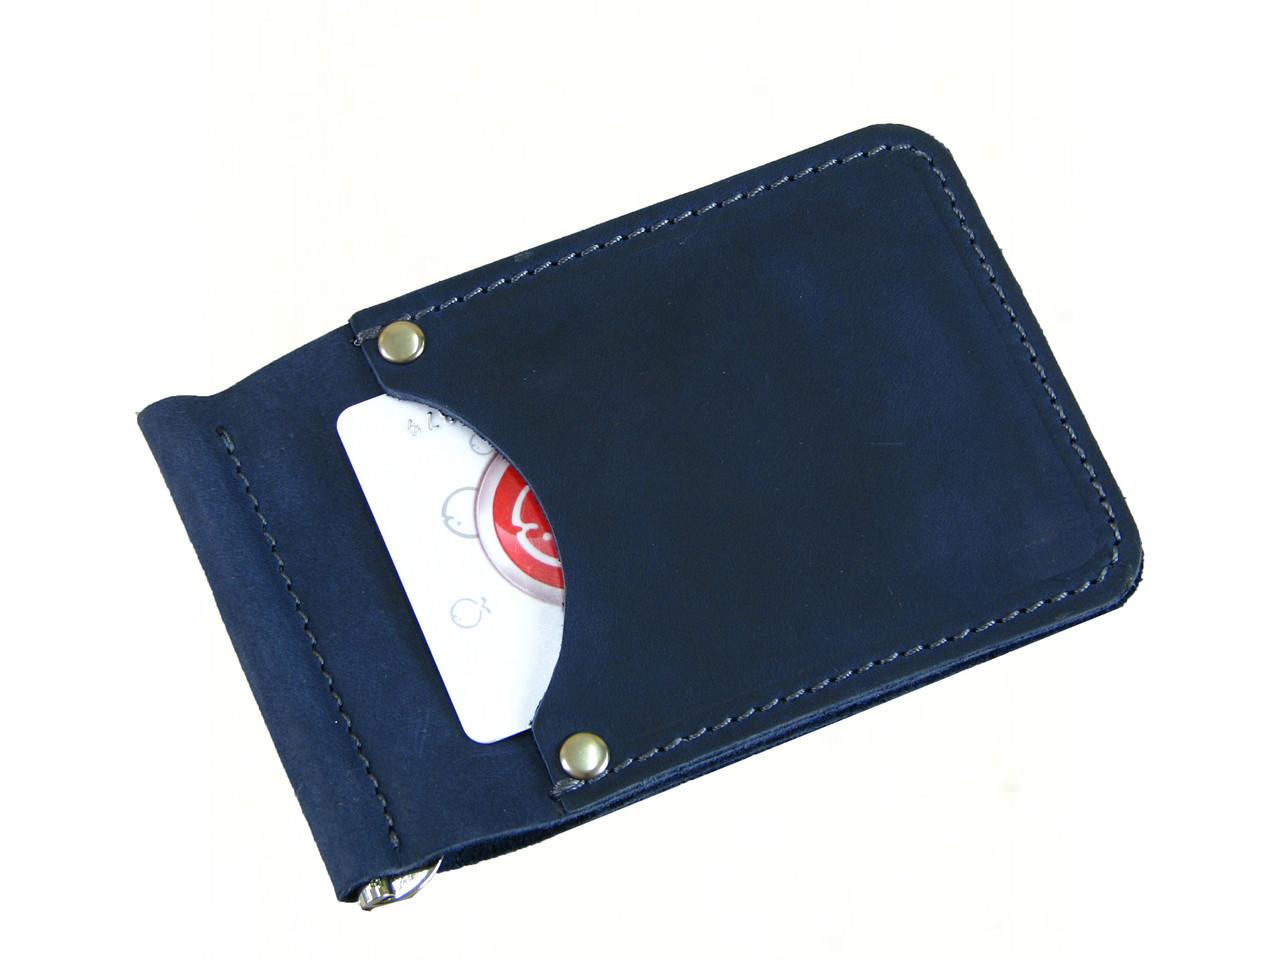 Мужской кошелек с  зажимом для денег GS синий